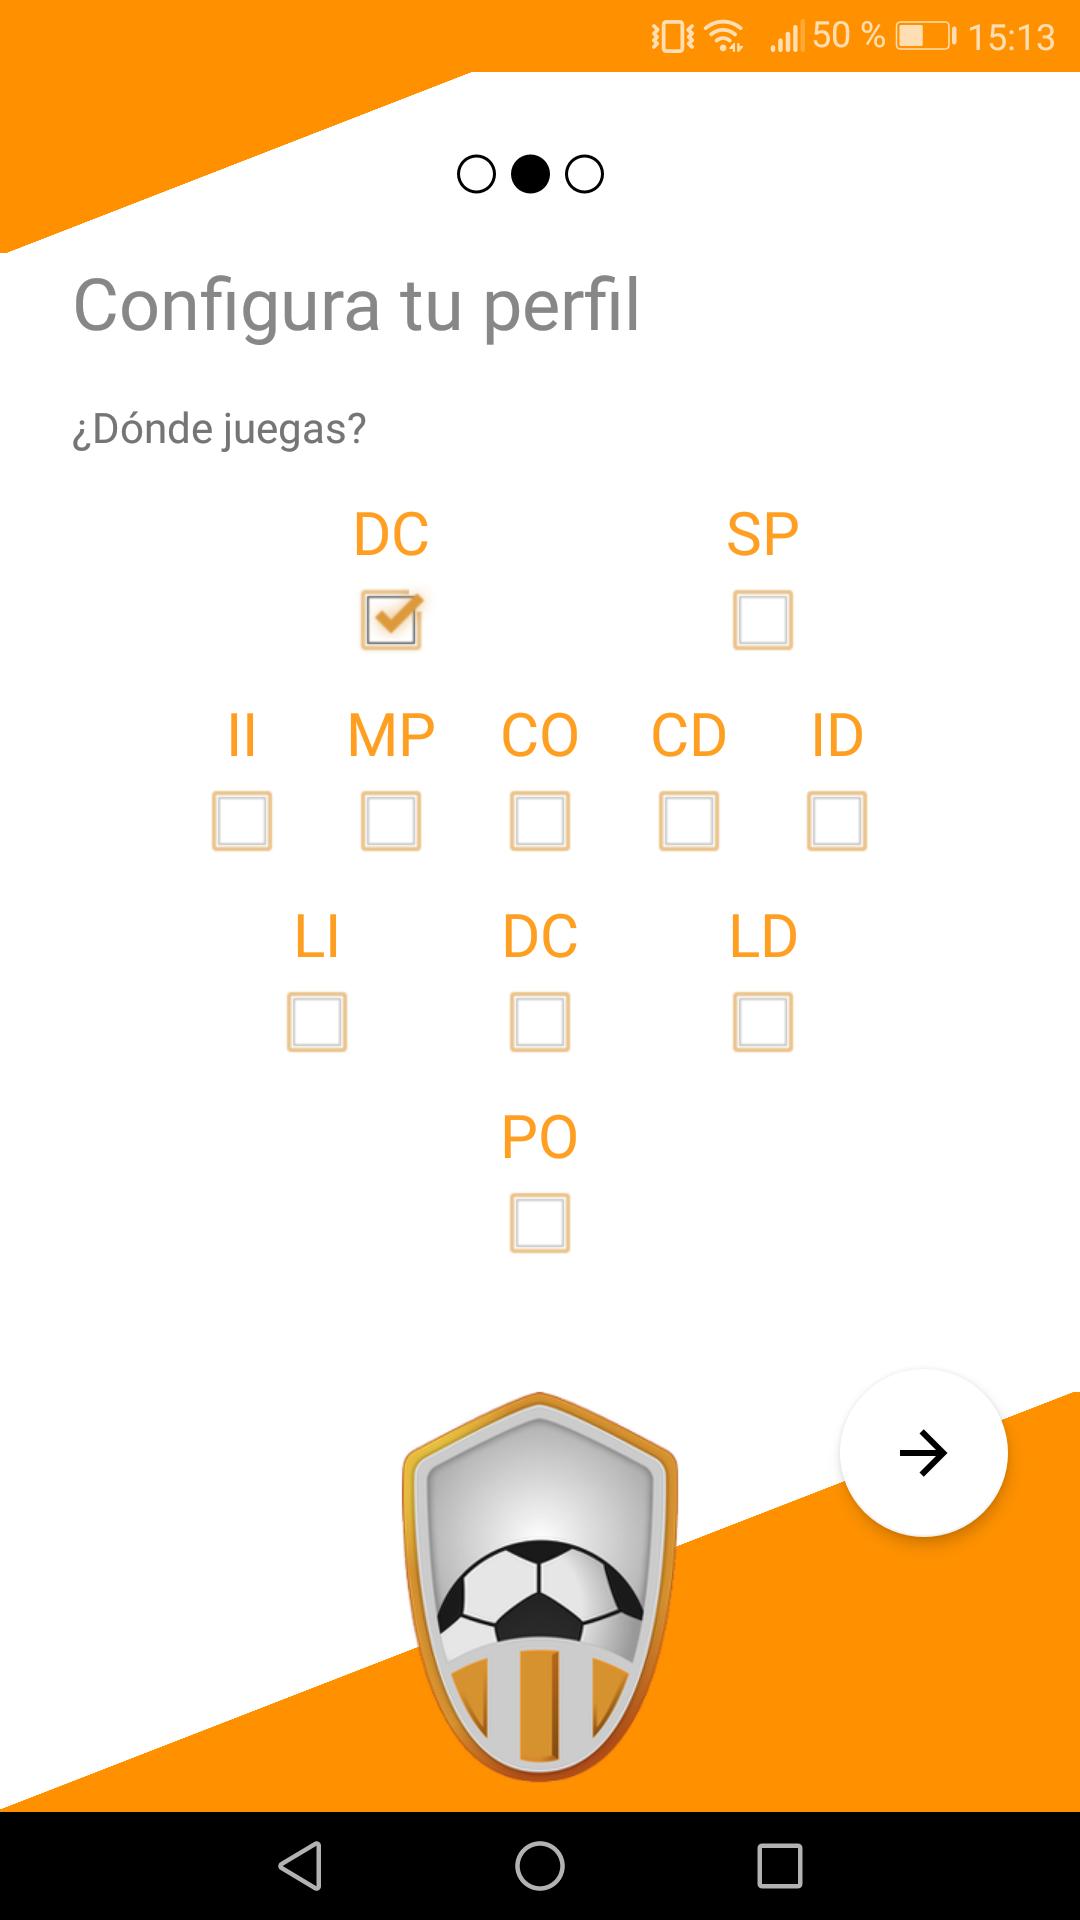 Escoger posición del jugador en el torneo